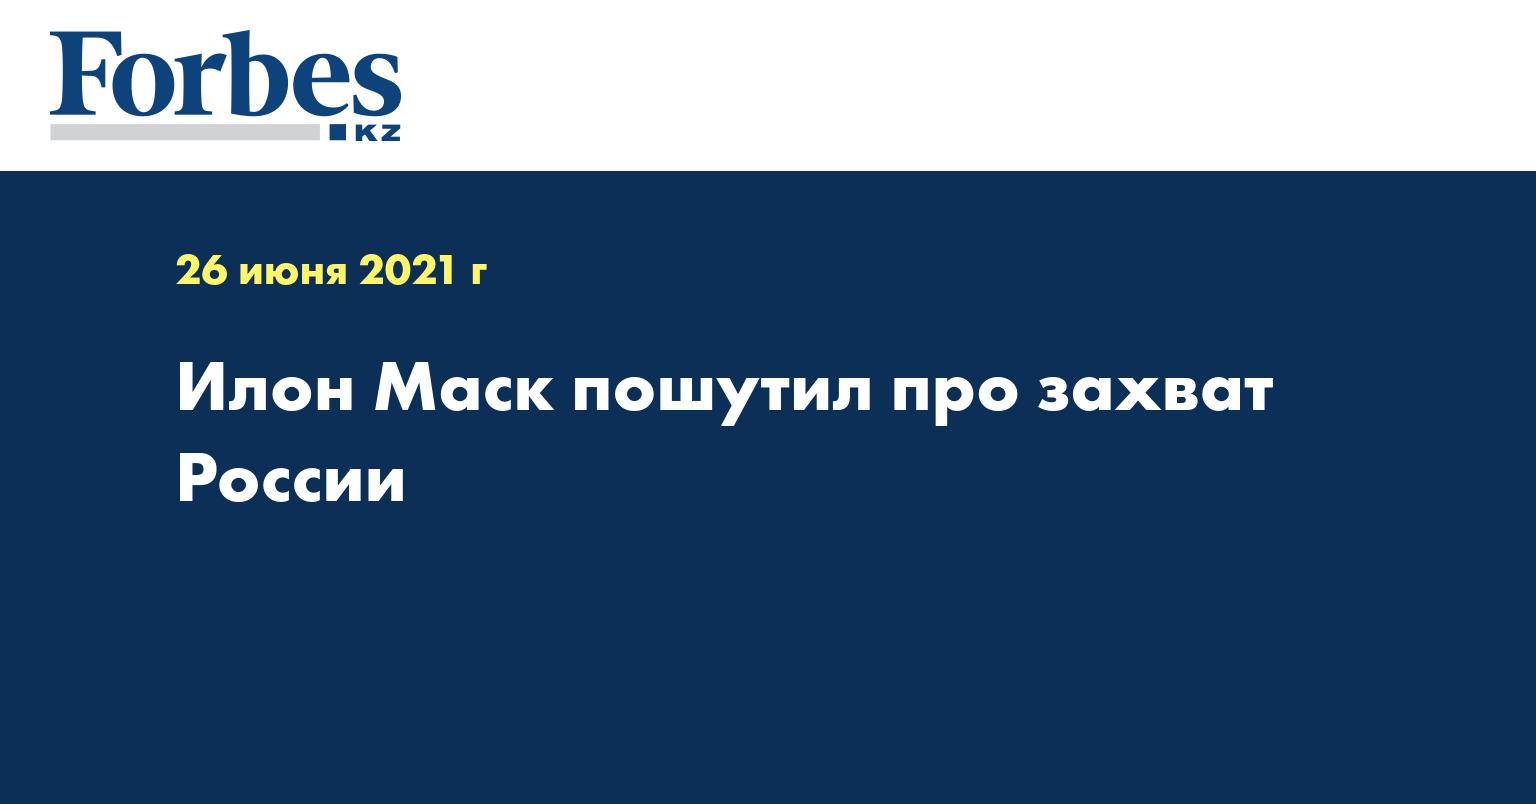 Илон Маск пошутил про захват России